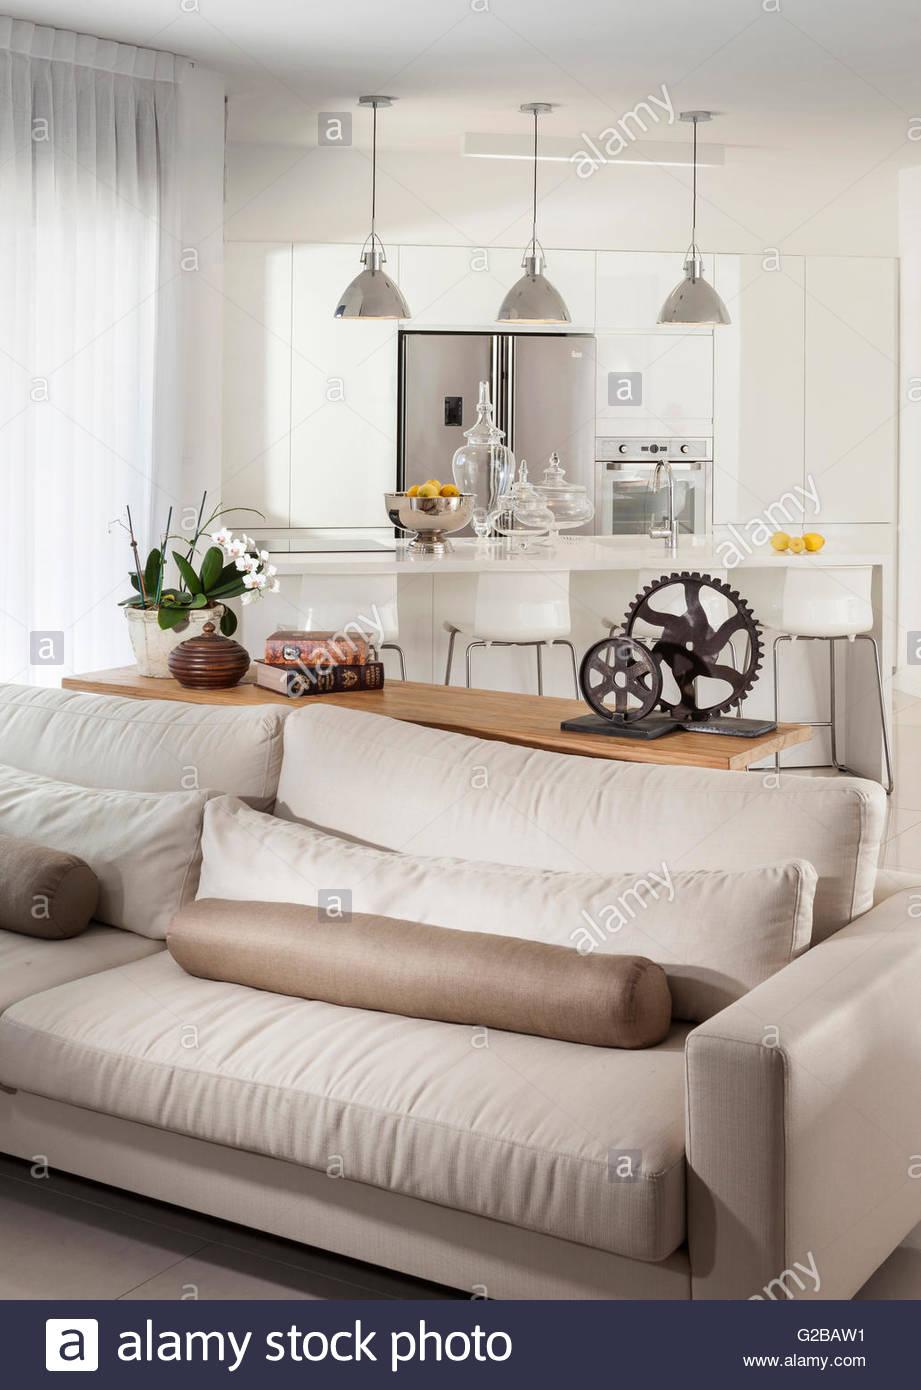 Wohnung für Reuveni home Styling & Design. Offenen Wohnraum und ...